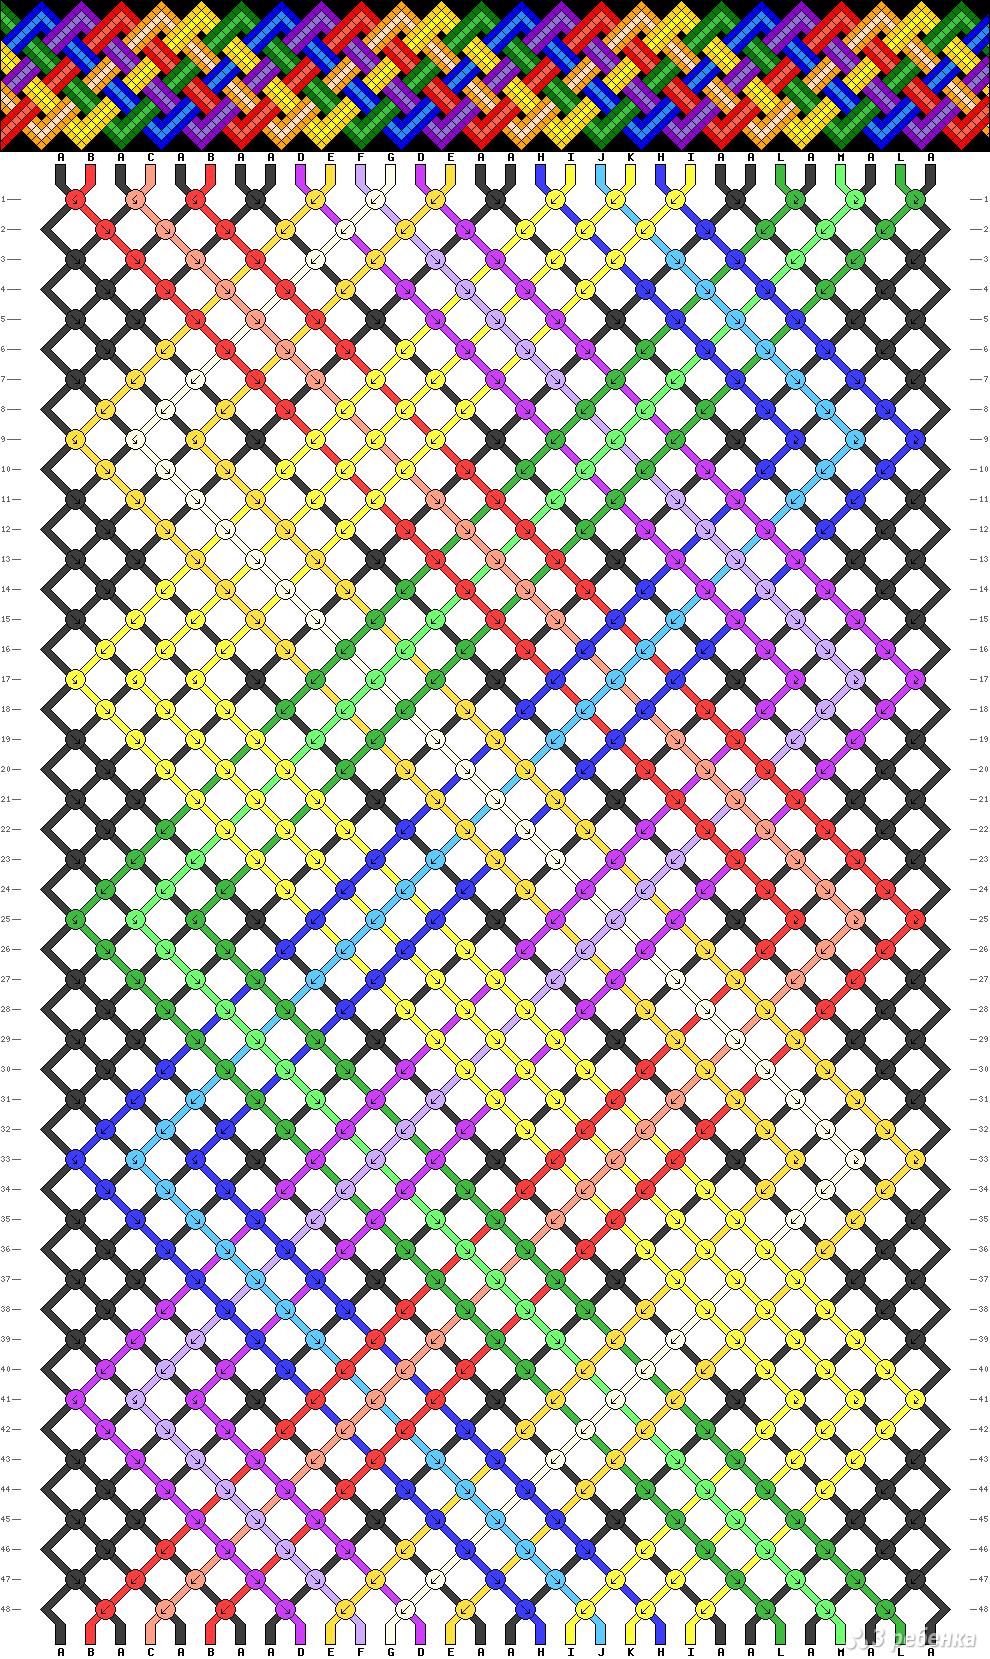 создание схем фенечек по картинке овладели